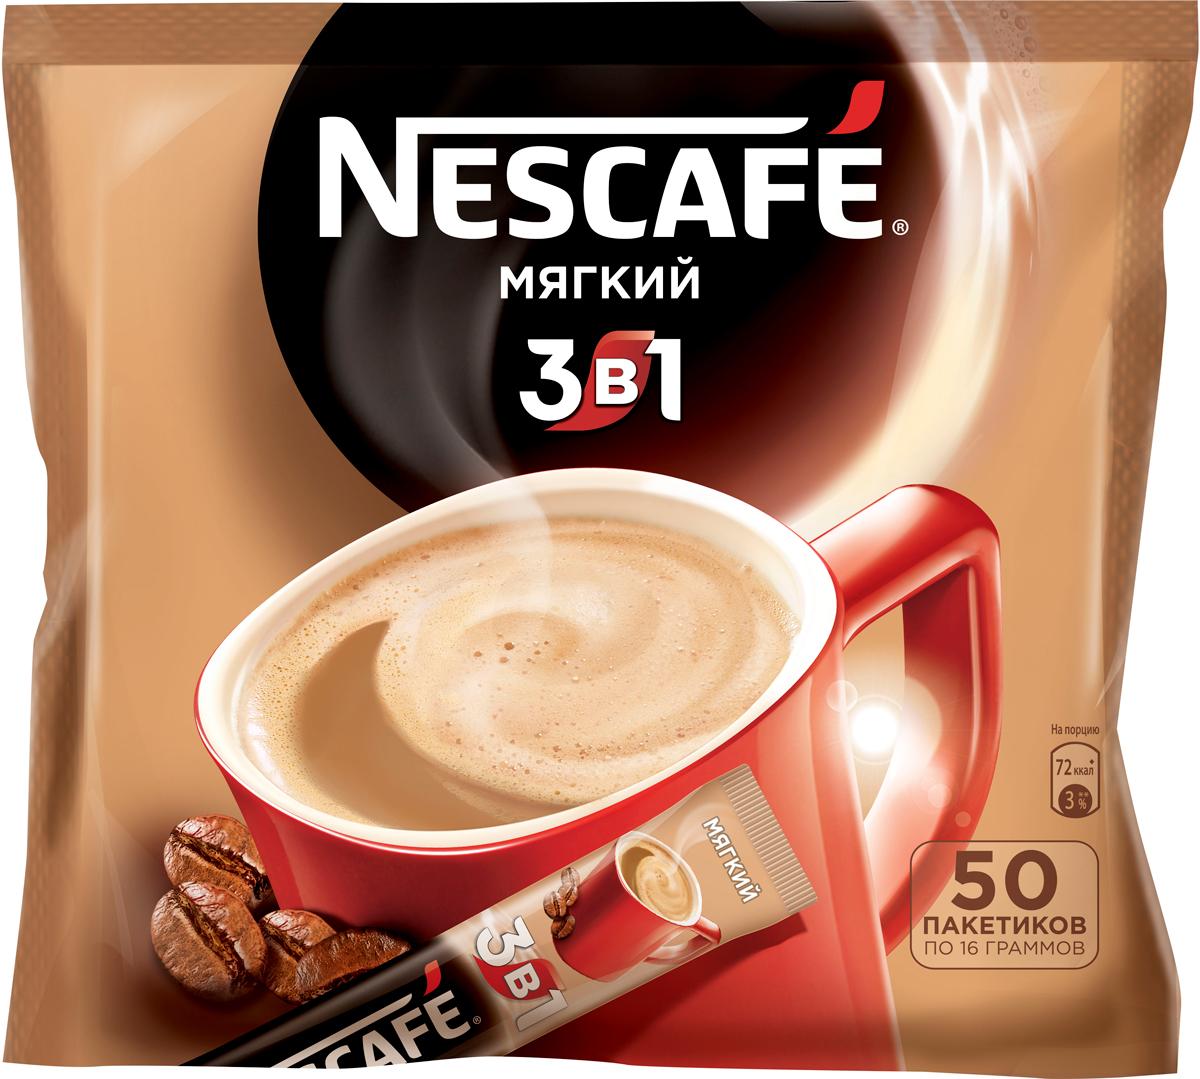 Nescafe 3 в 1 Мягкий кофе растворимый, 50 шт12235511Nescafe 3 в 1 Мягкий - кофейно-сливочный напиток, в состав которого входят высококачественные ингредиенты: кофе Nescafe, сахар, сливки растительного происхождения. Каждый пакетик Nescafe 3 в 1 подарит вамидеальное сочетание кофе, сливок, сахара!